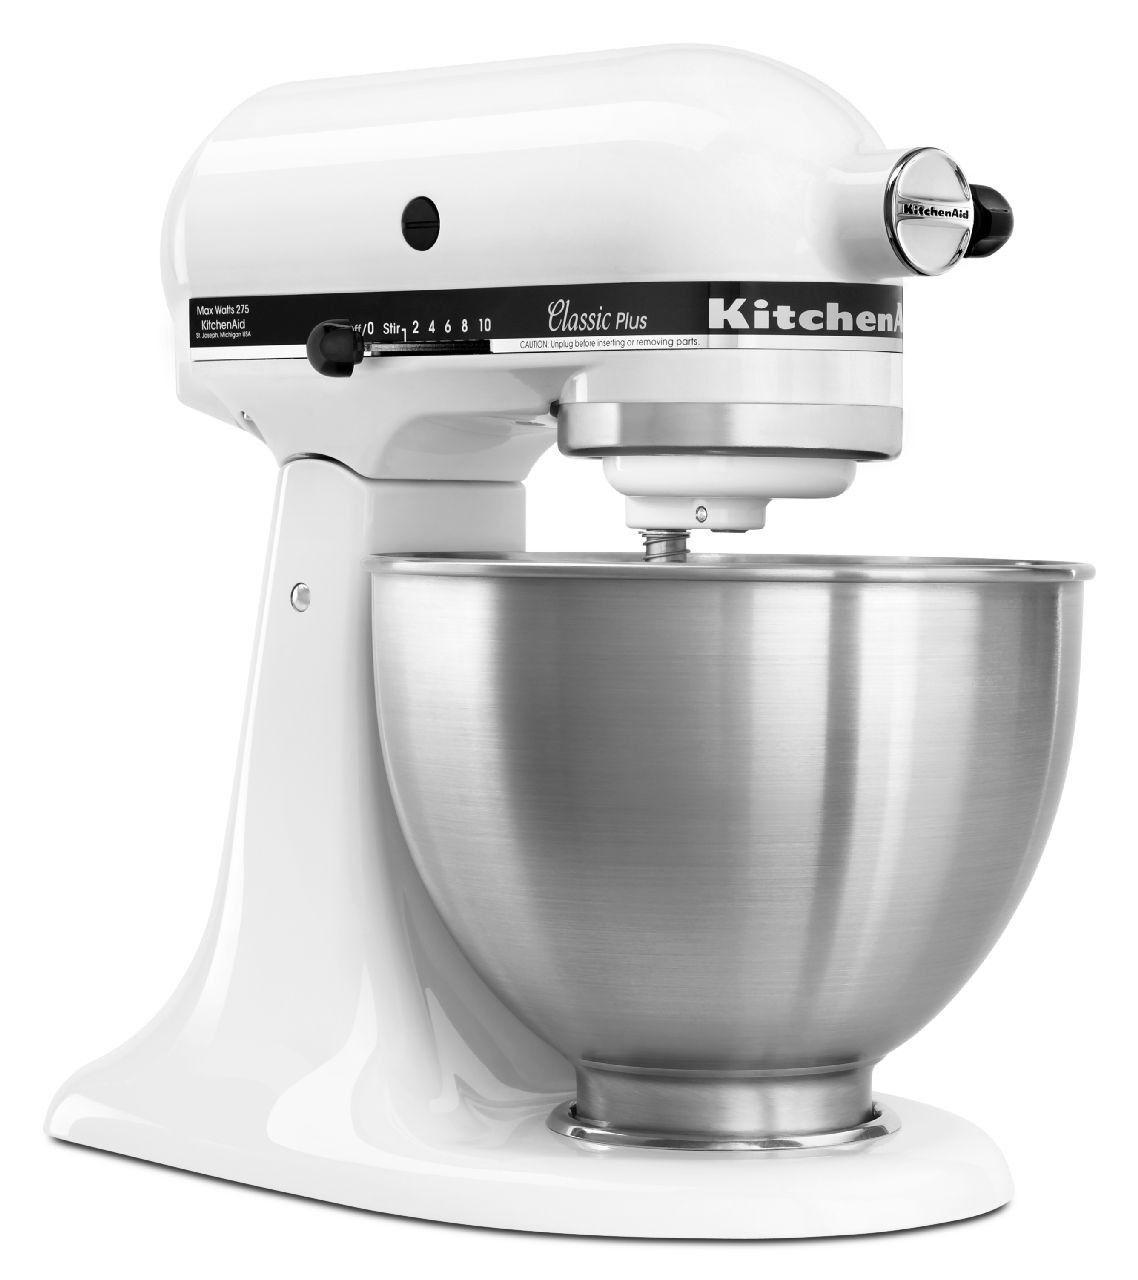 KitchenAid KSM75 275W Stand Mixer | eBay